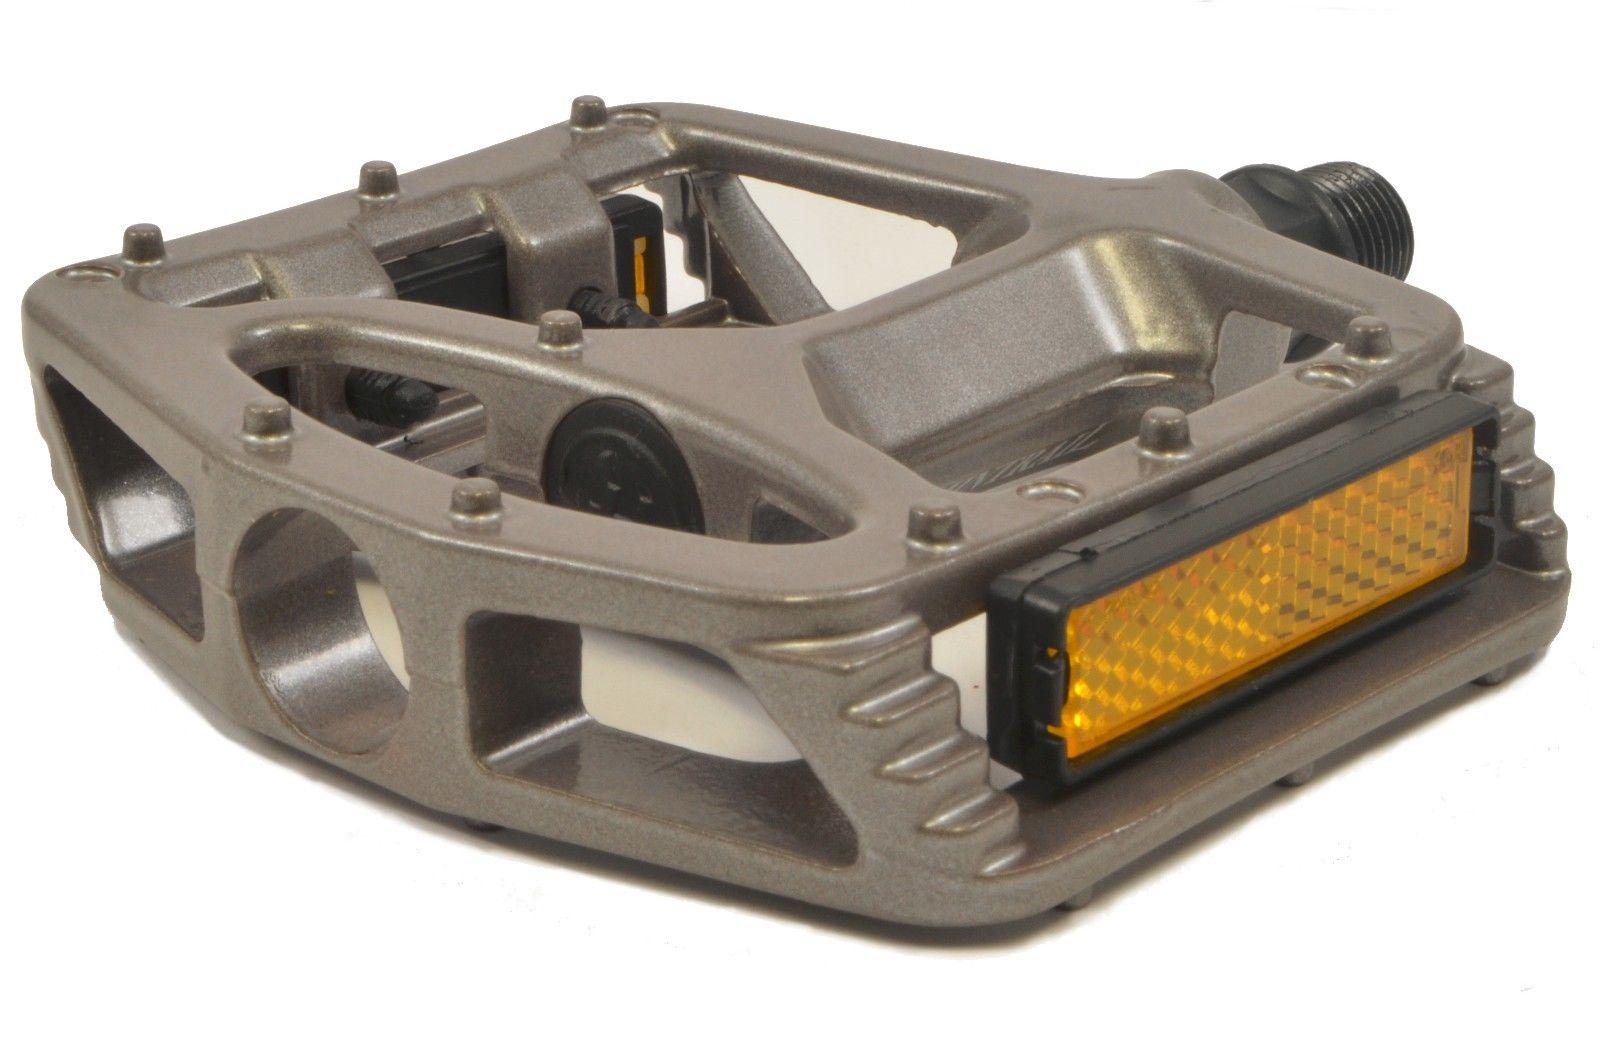 Lumintrail-Big-Foot-Bike-Pedals-Road-MTB-BMX-Aluminum-Alloy-Flat-Platform-9-16-034 thumbnail 13